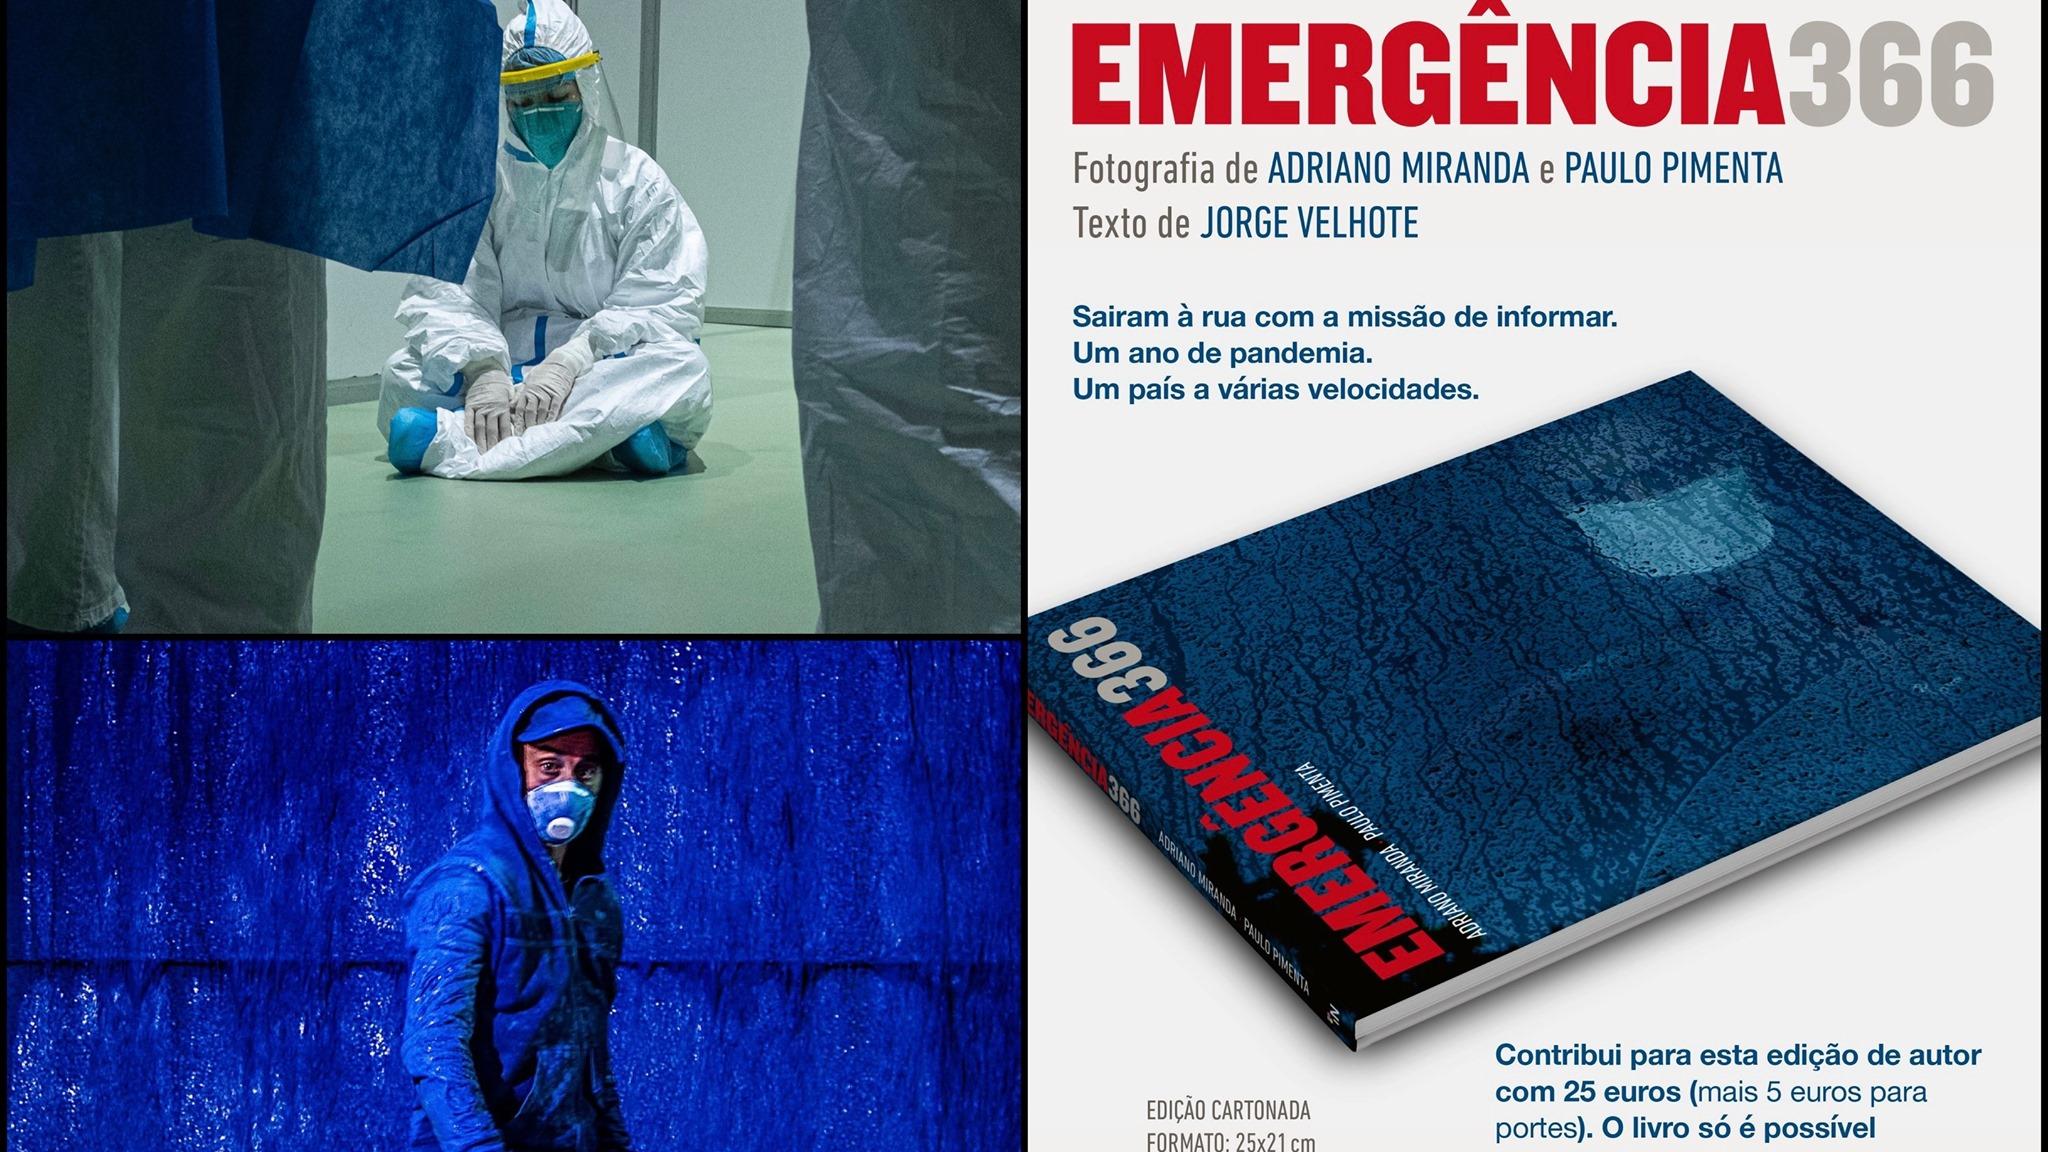 'Conversa sobre um projeto fotográfico' _ Emergência366 _ A.Miranda | P.Pimenta